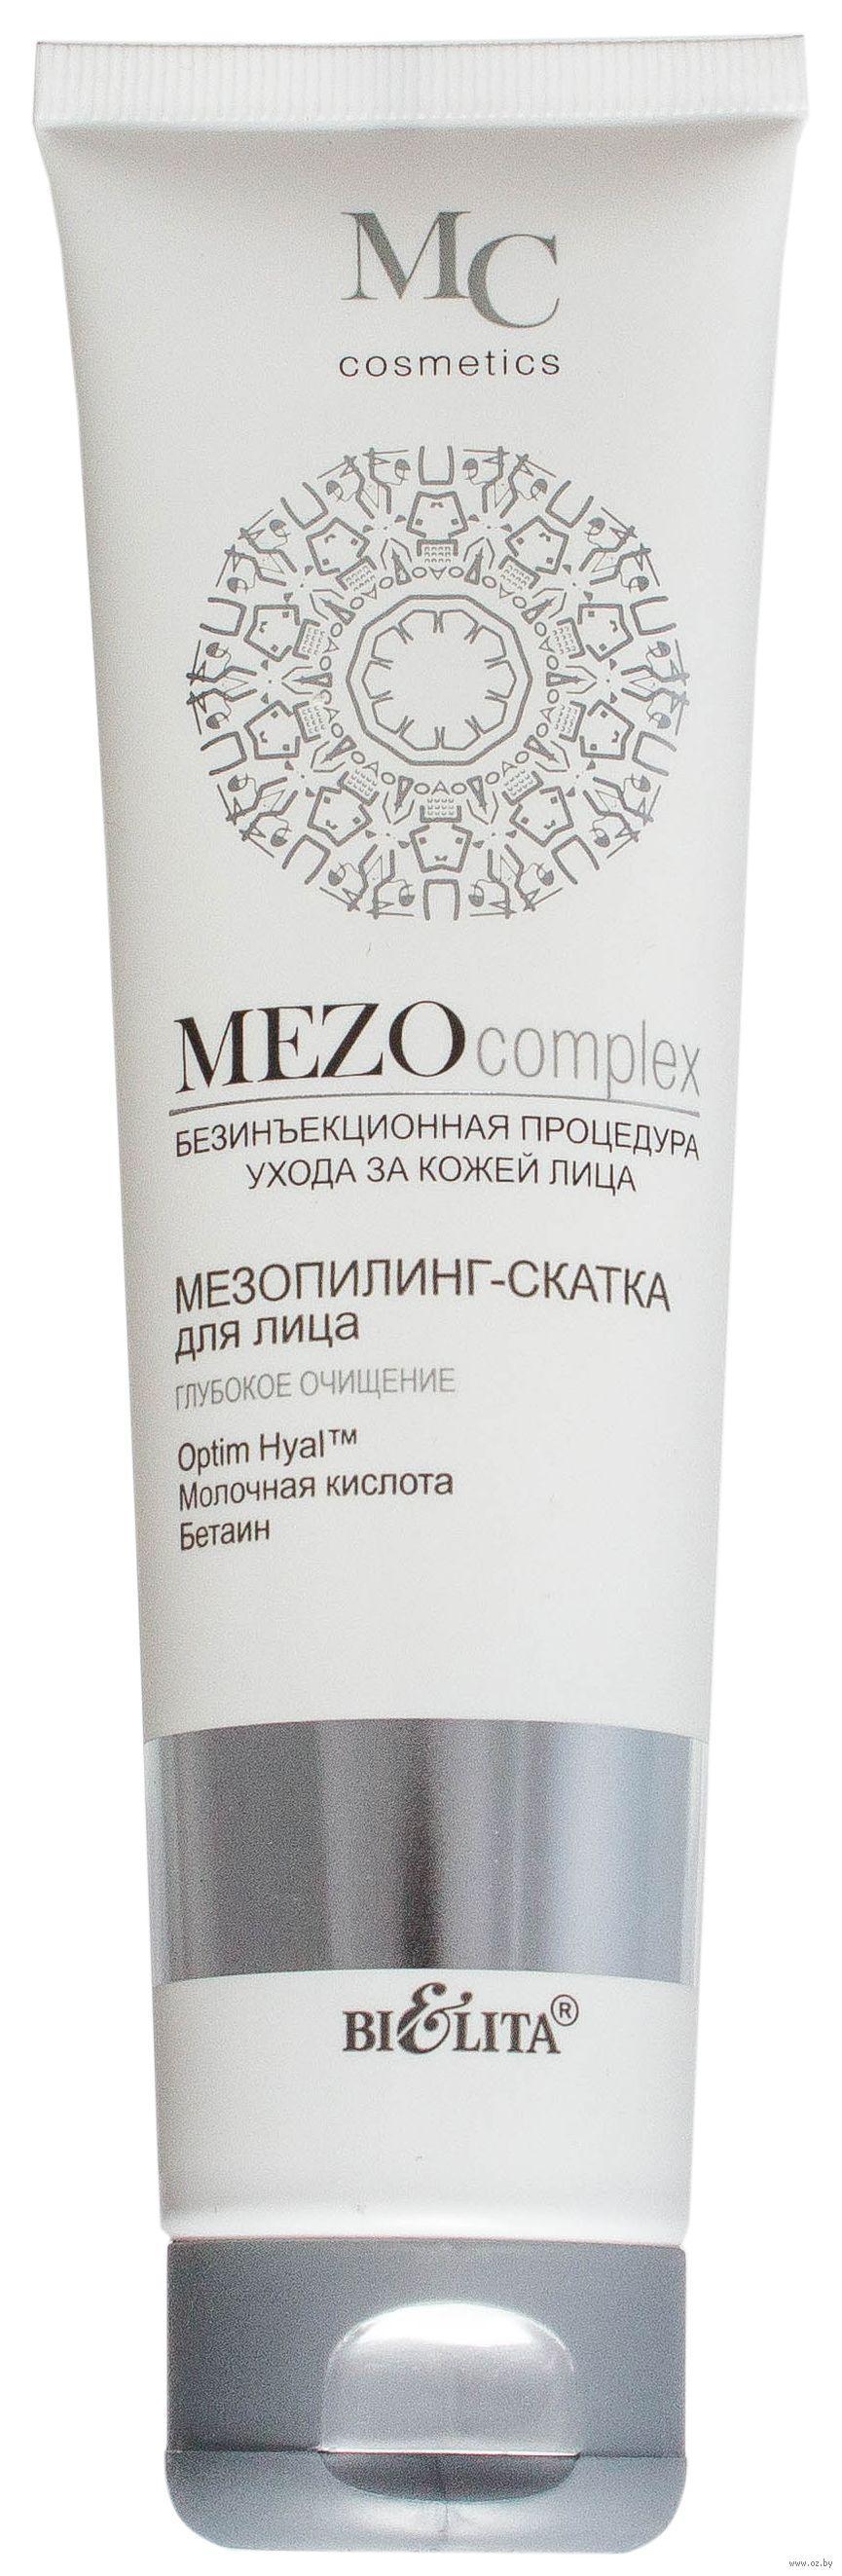 Мезопилинг-скатка для лица Bielita MEZOcomplex «Глубокое очищение»